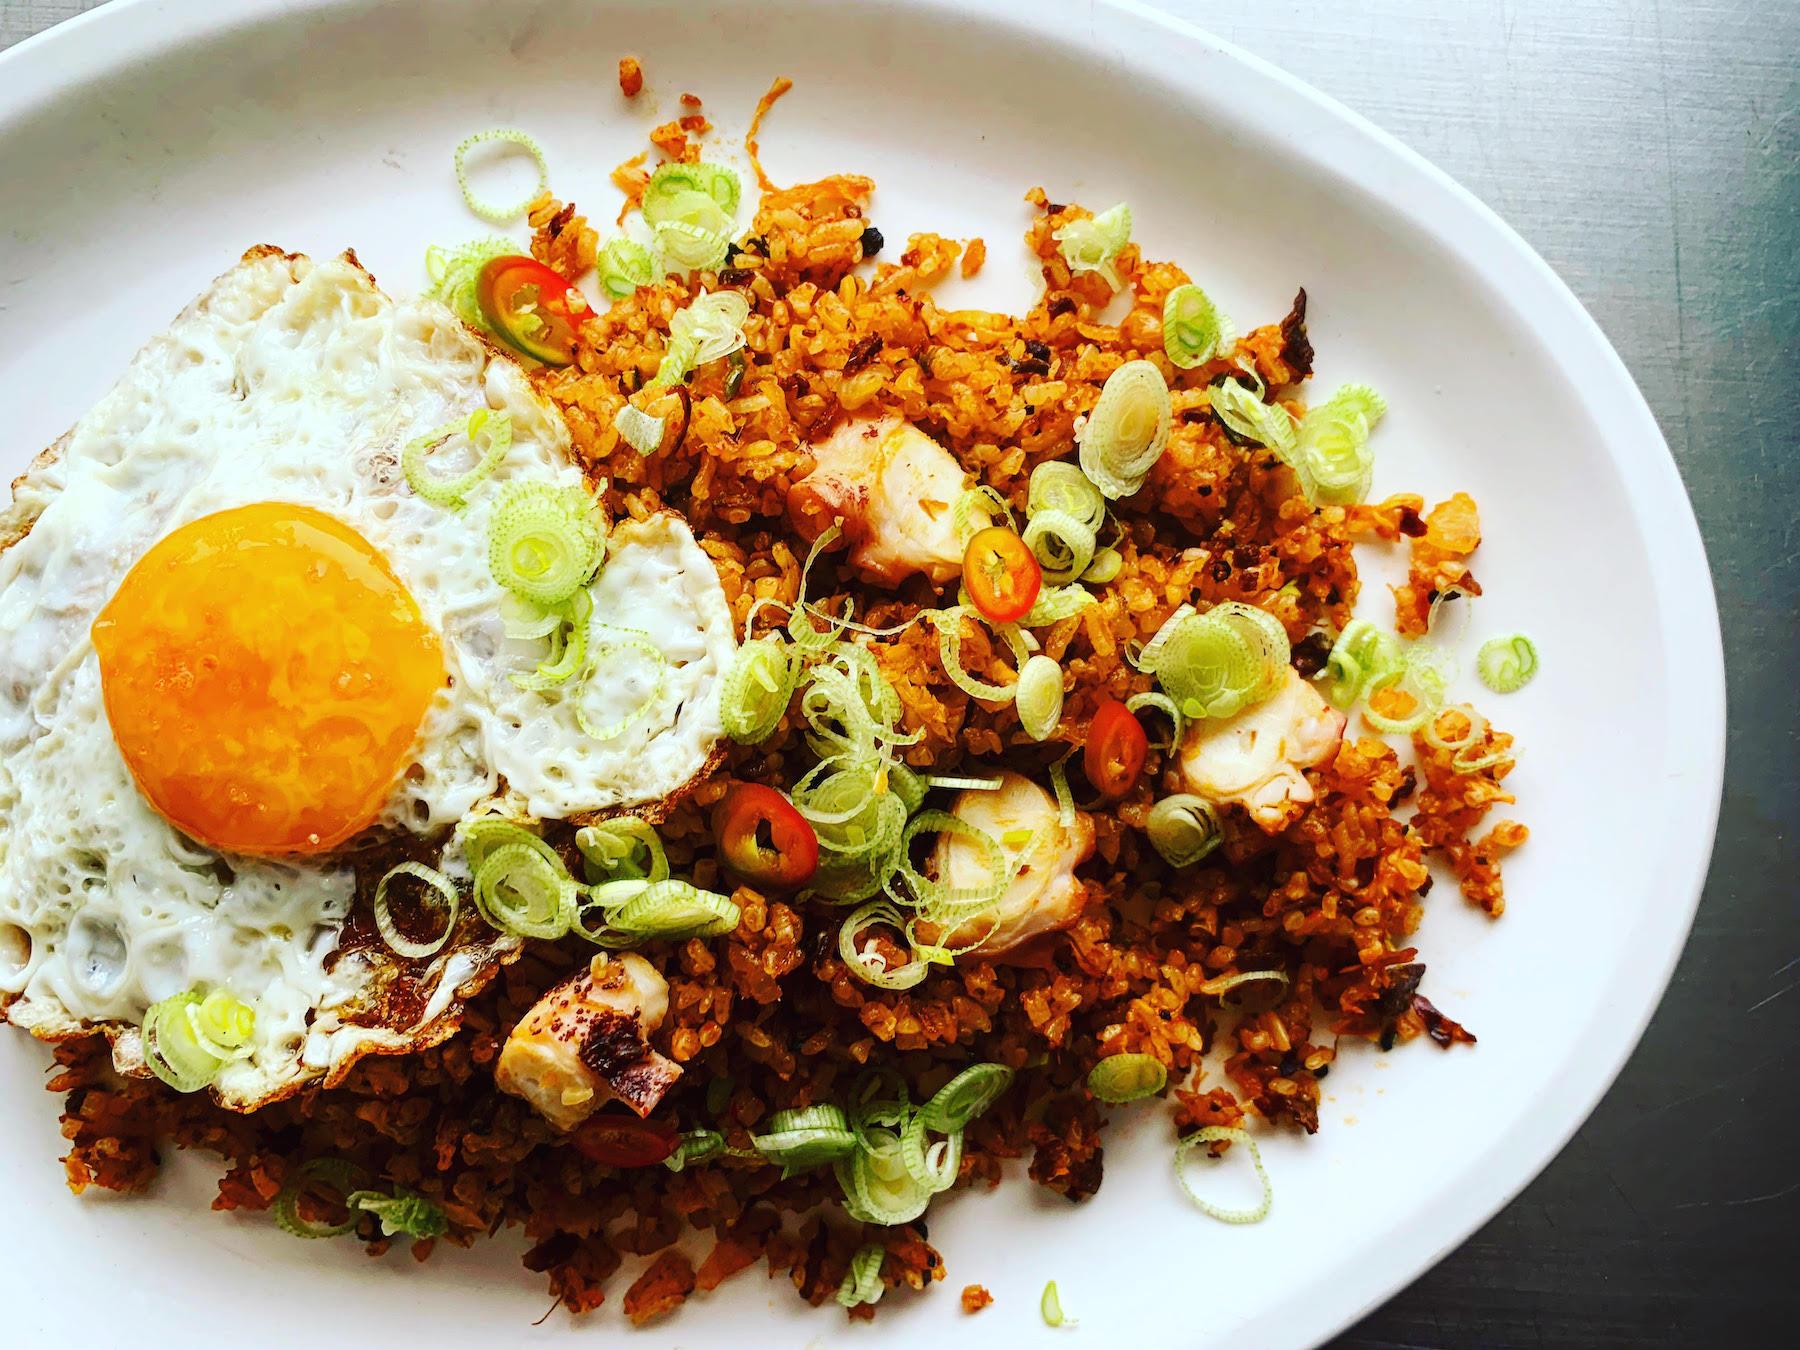 05162019_bombasdeumami-arroz con machaca y kimchi.jpg